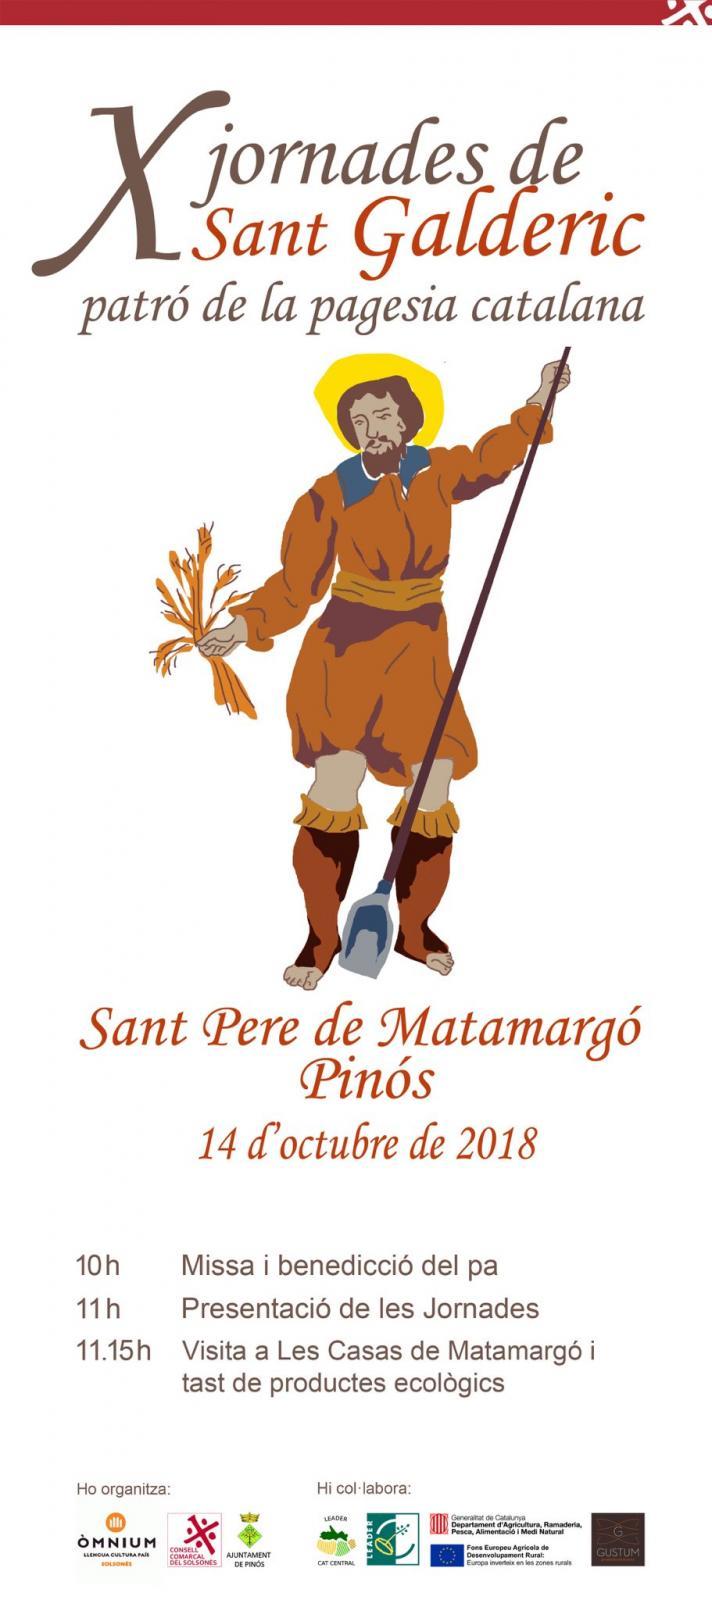 X Jornades de Sant Galderic